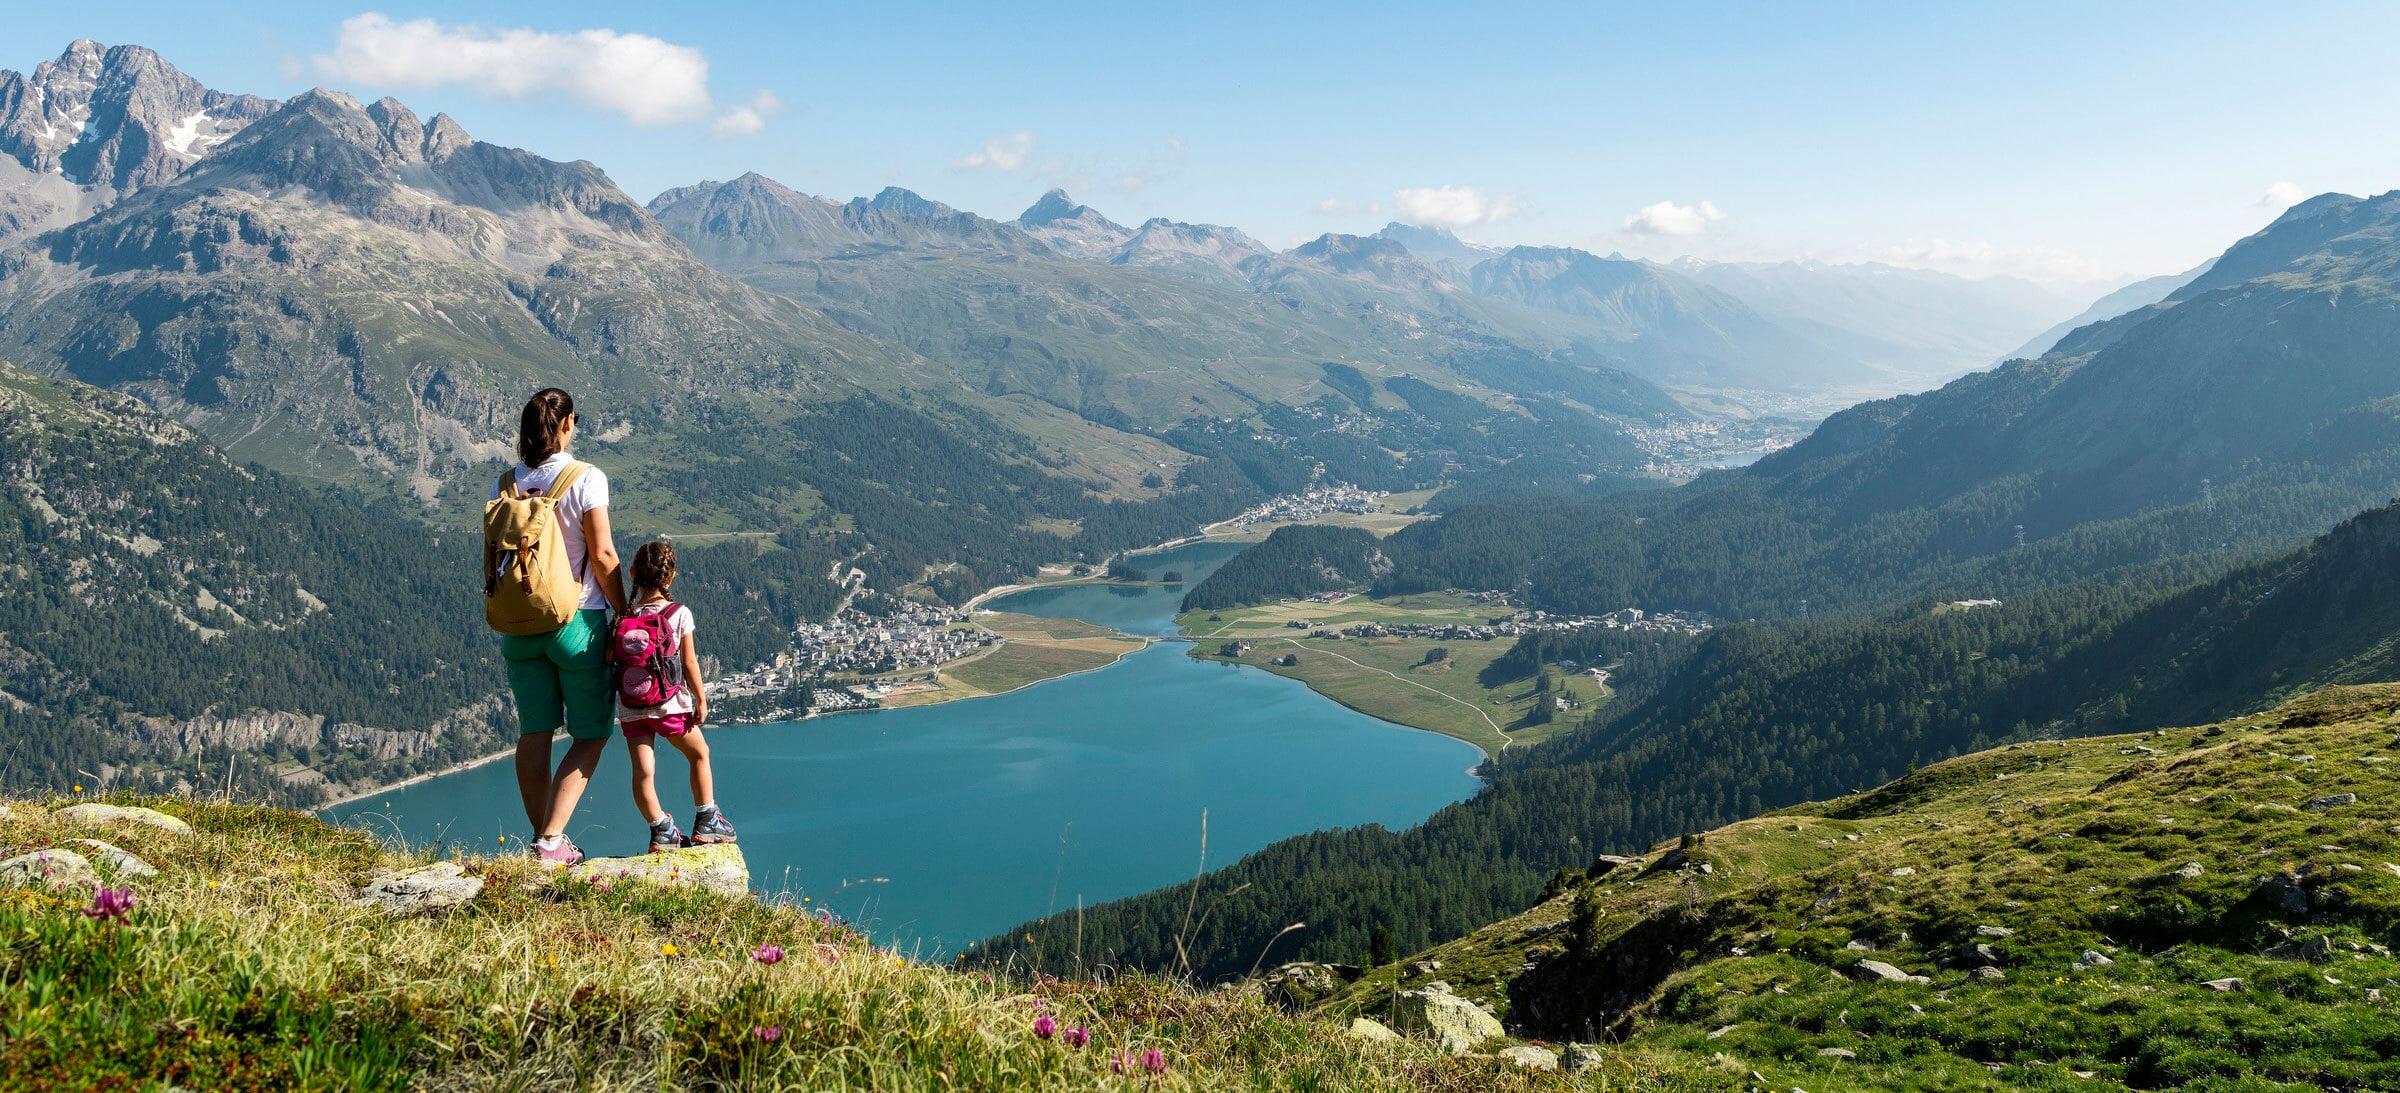 View at lake Silvaplana